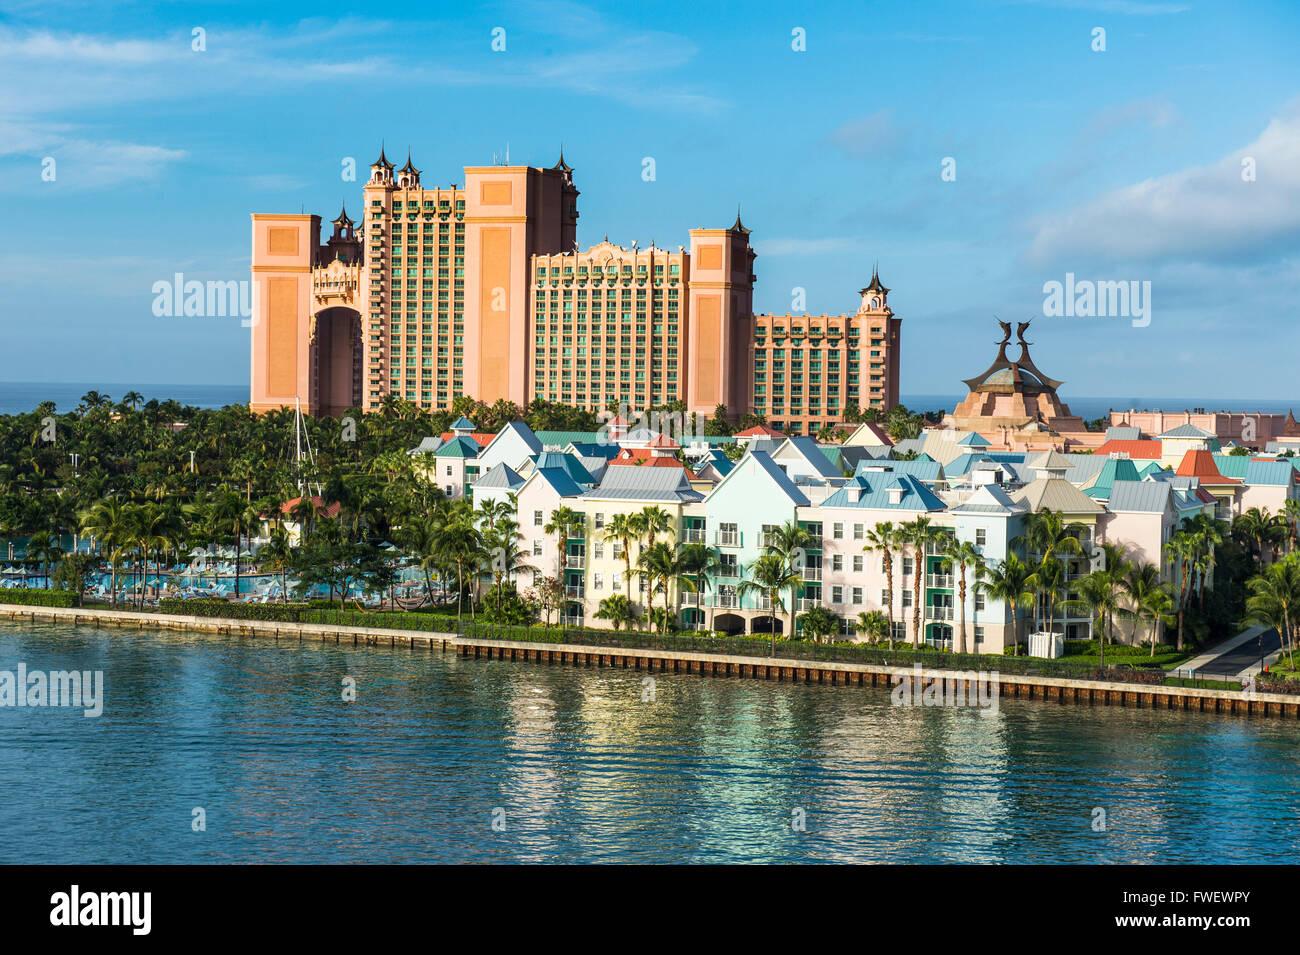 Hotel Atlantis on Paradise island, Nassau, New Providence, Bahamas, Caribbean - Stock Image